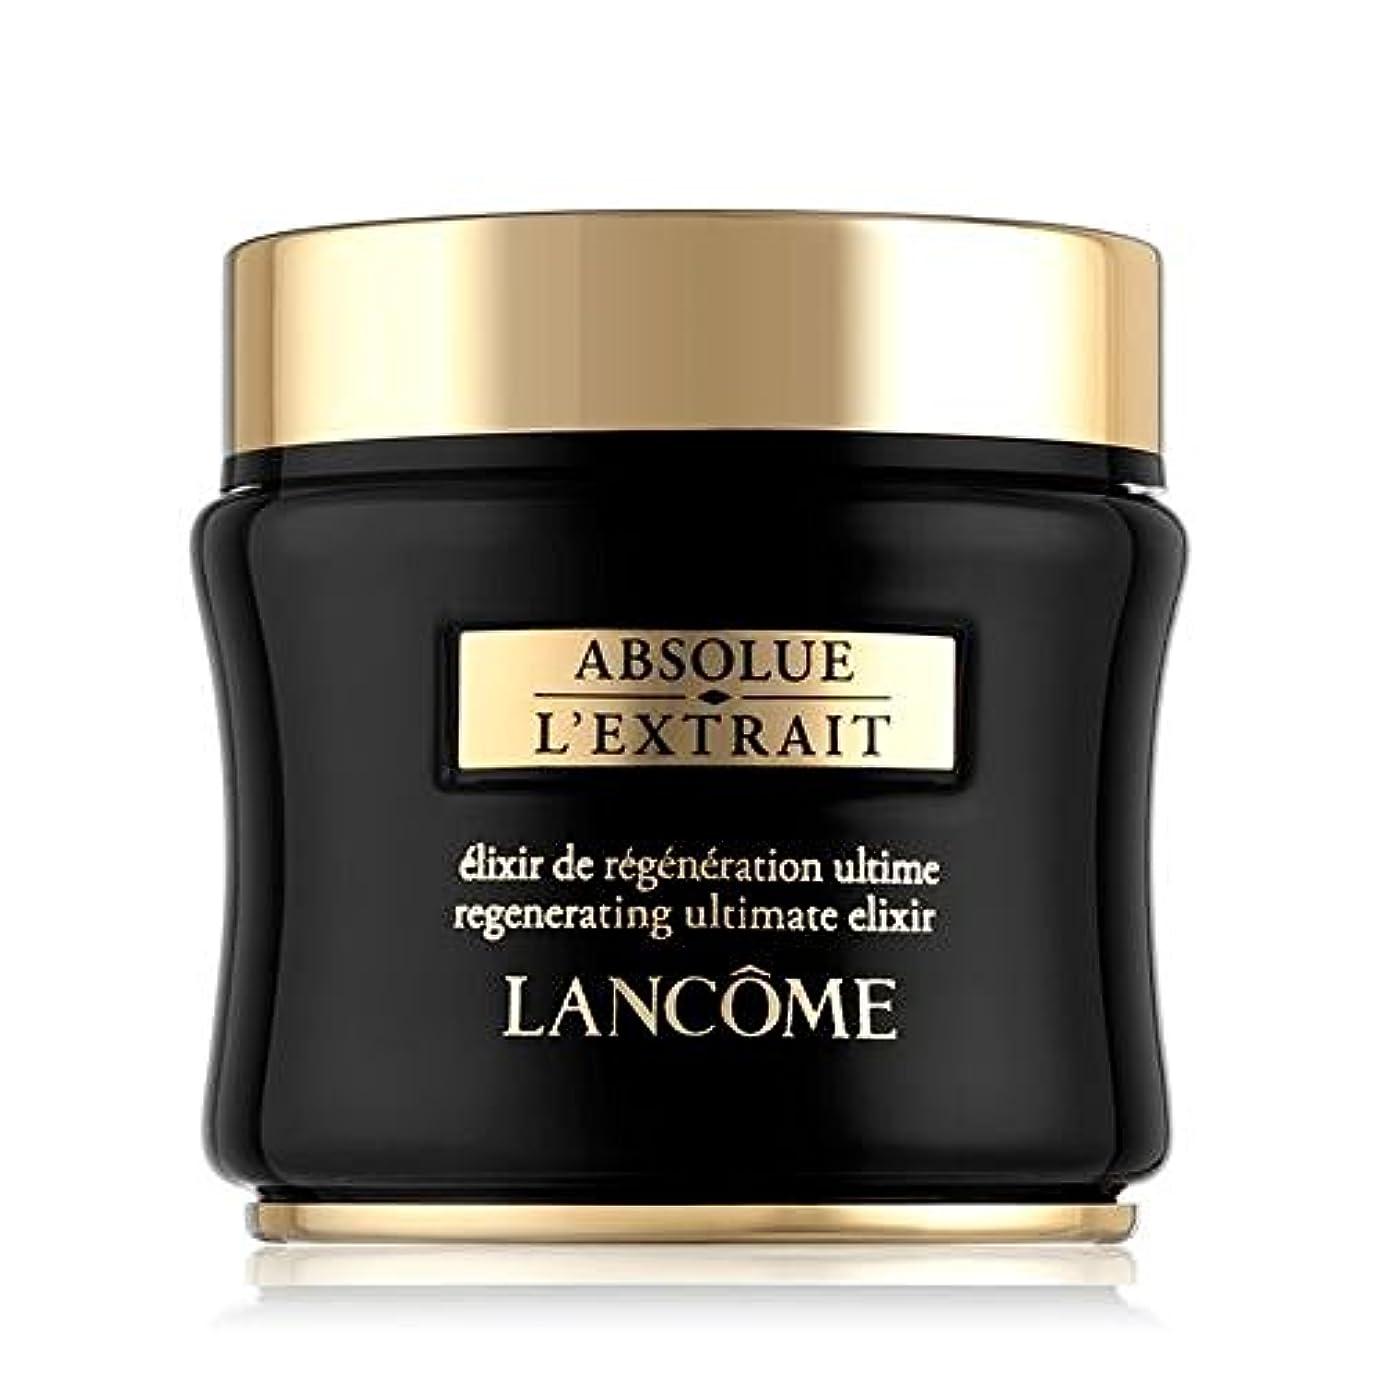 温度計無法者矛盾するランコム Absolue L'Extrait Ultimate Elixir Cream 50ml/1.7oz並行輸入品